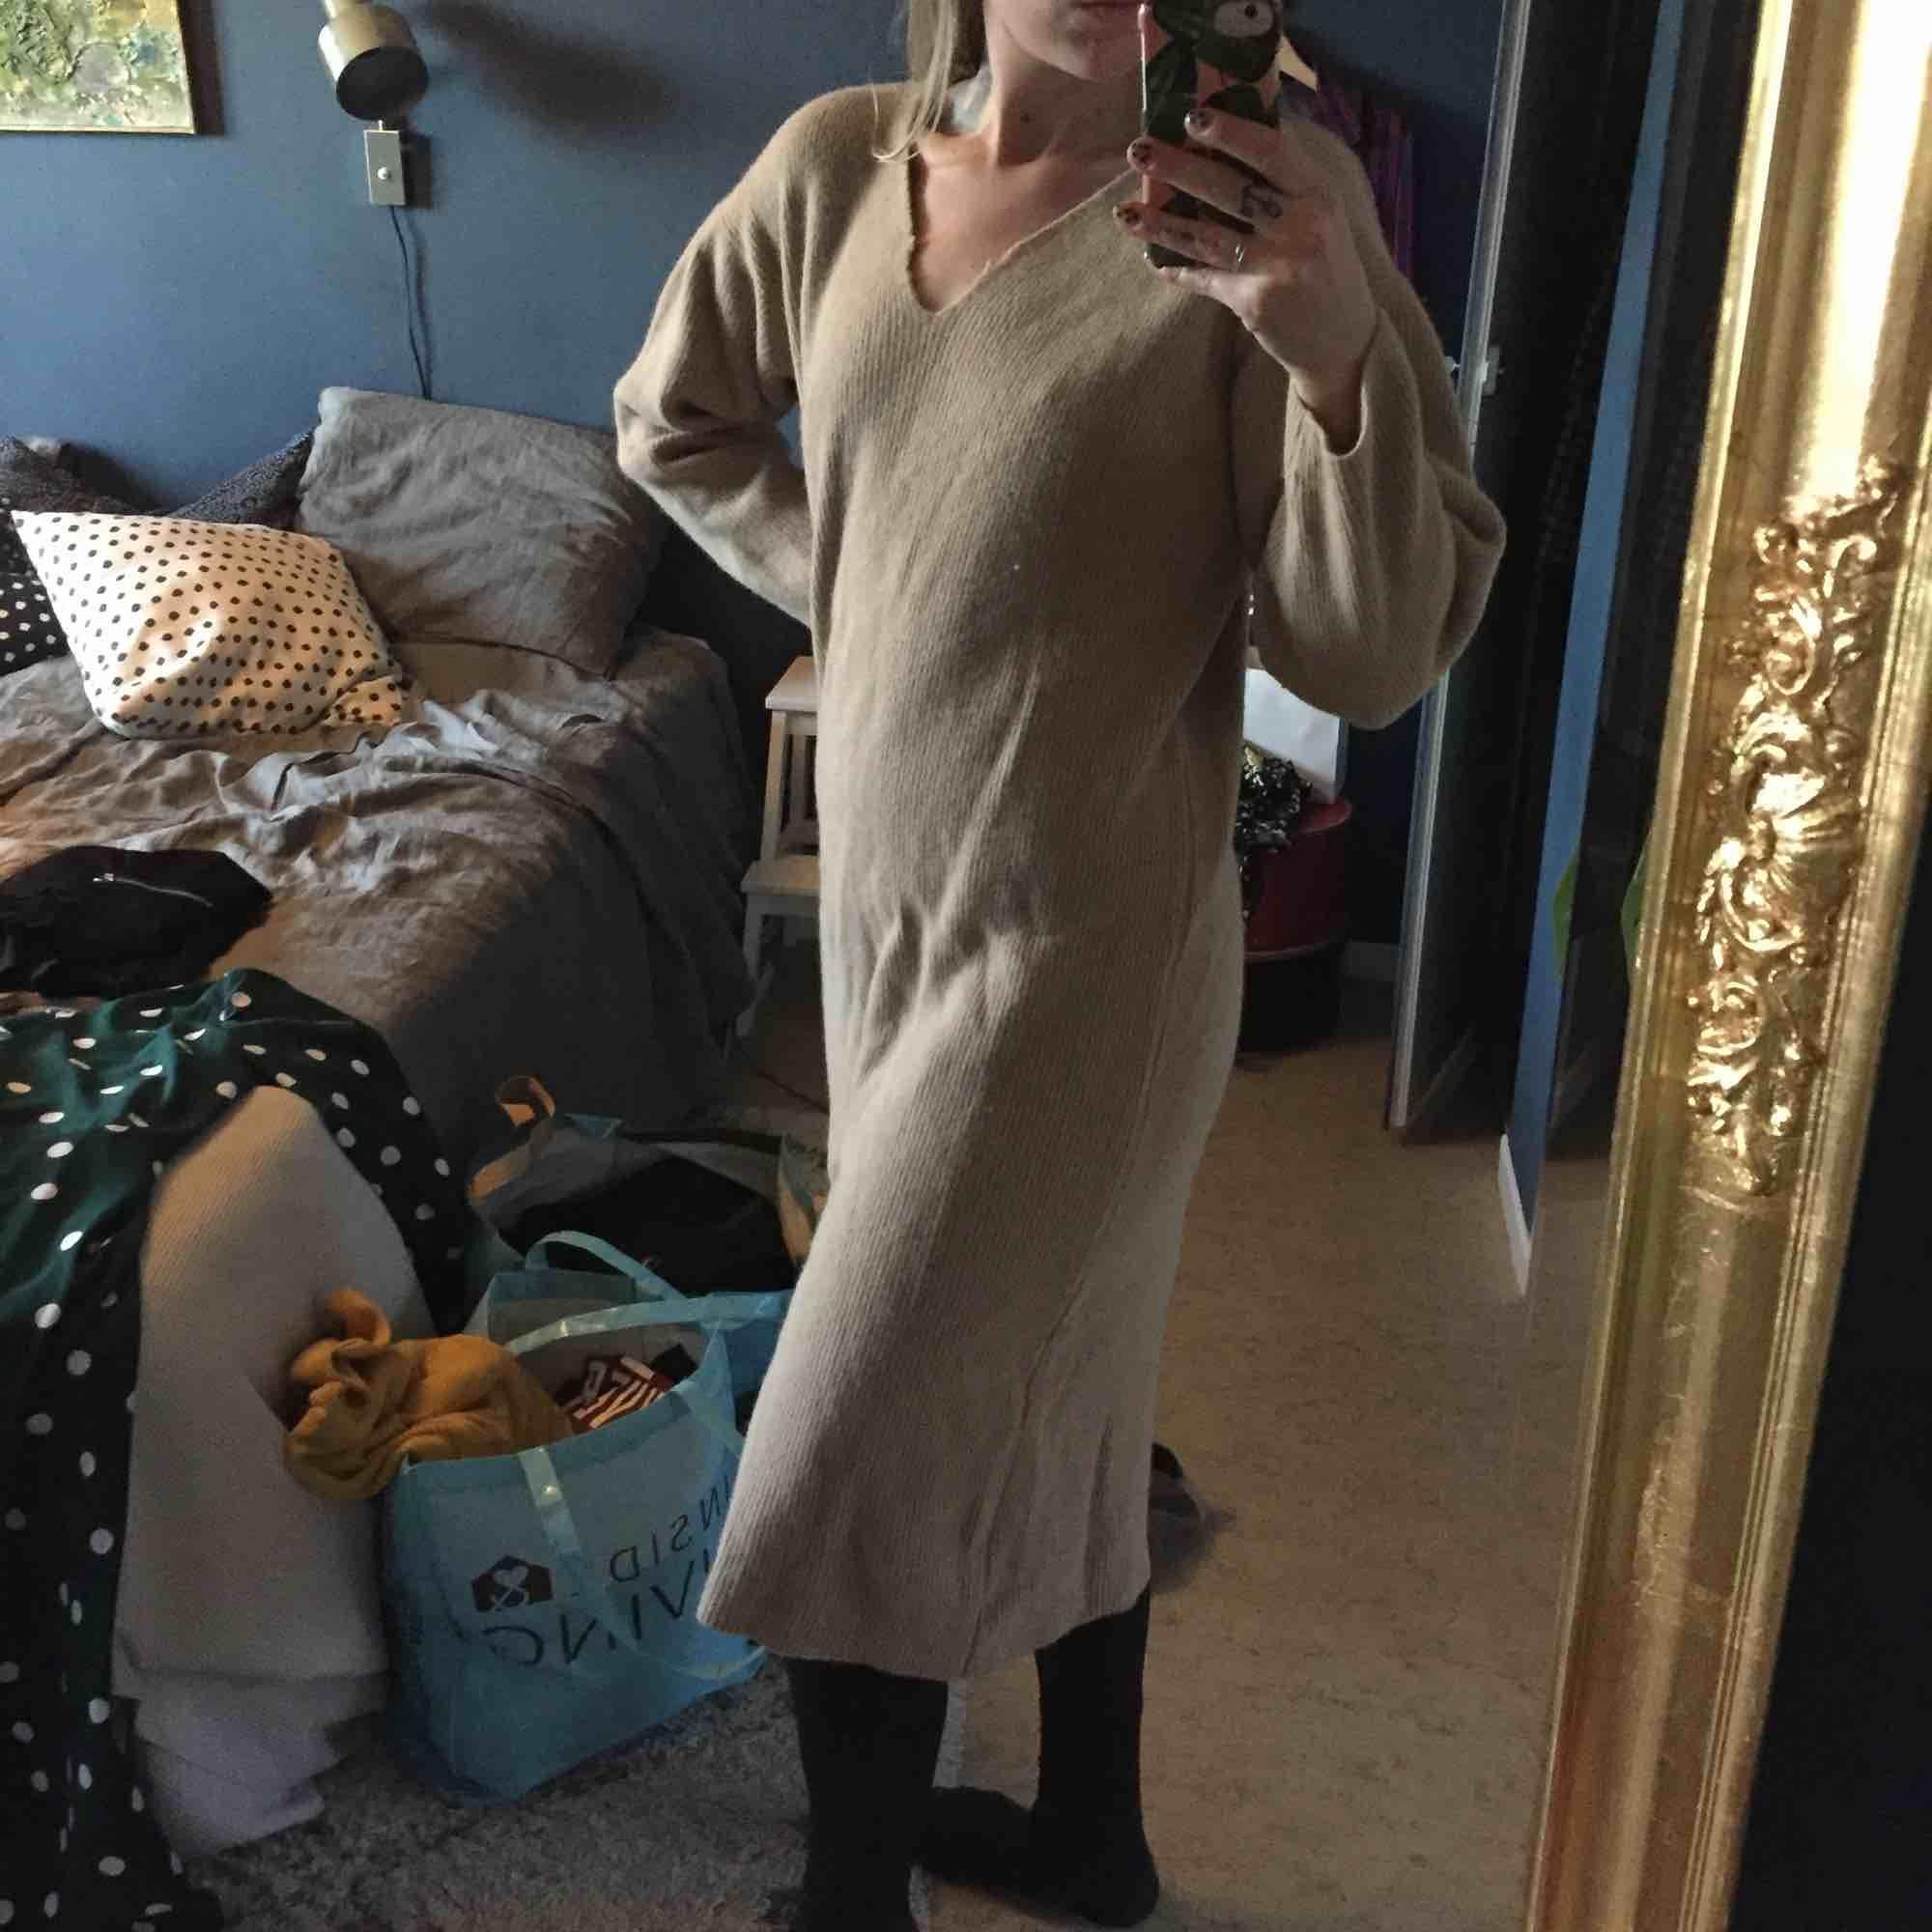 Beige långklänning/tröja. Osäker på material, den sticks inte men känns som ull eller liknande. Använt men gott skick. . Stickat.